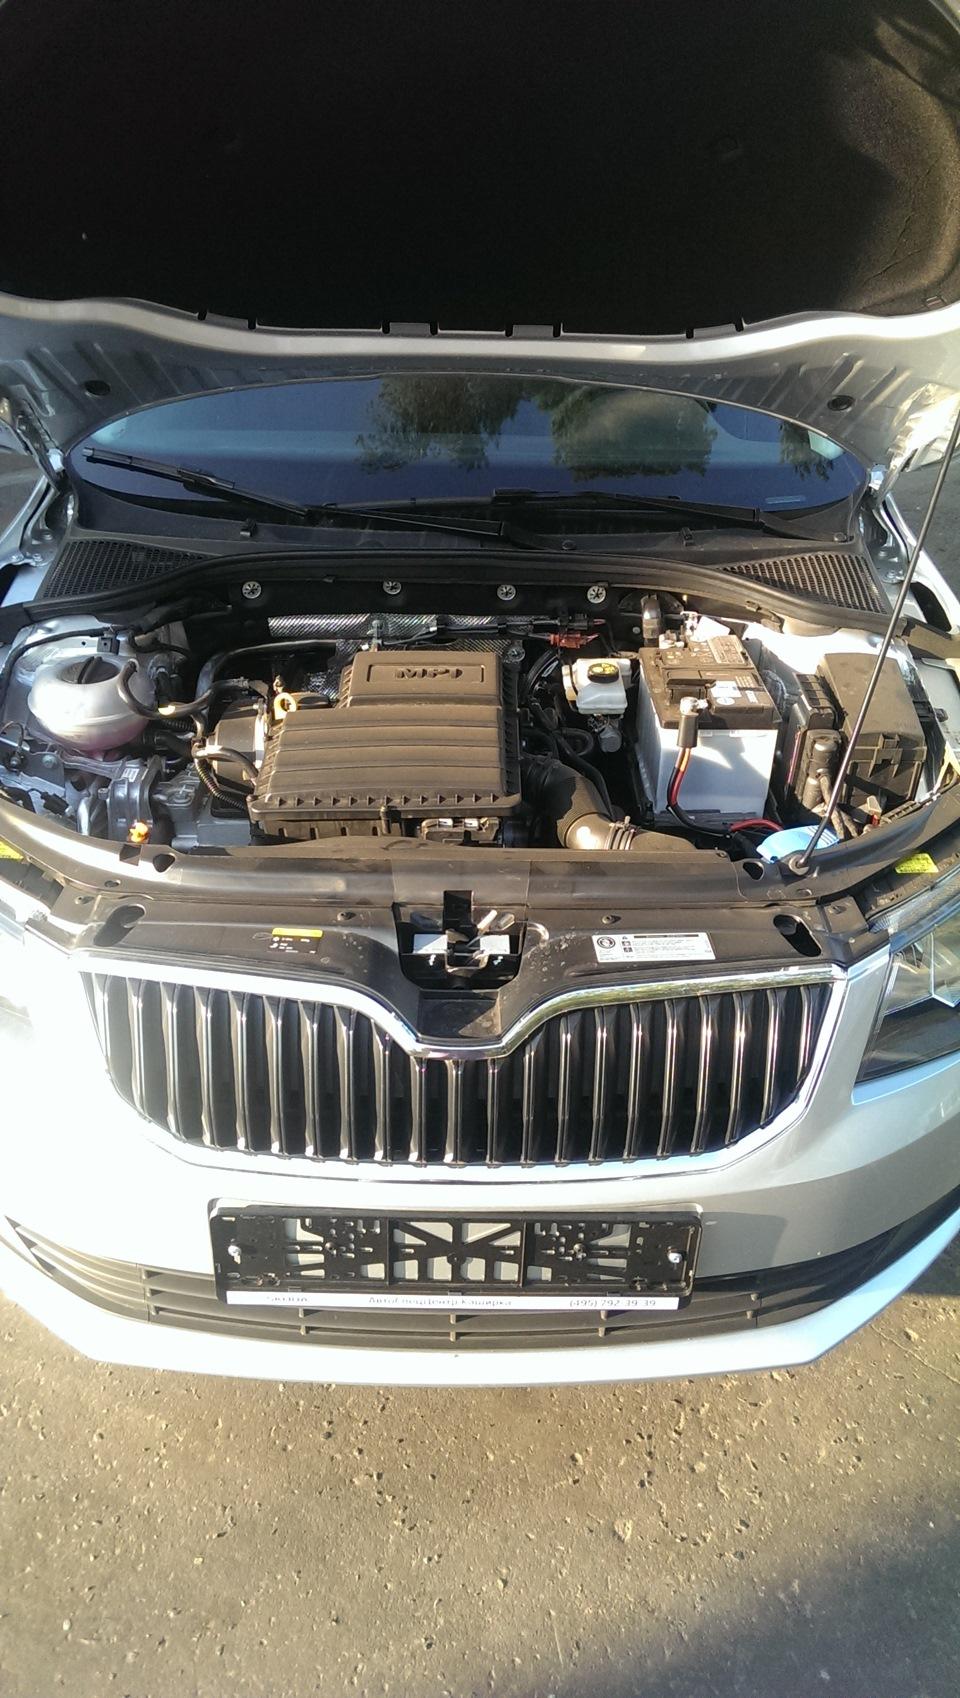 skoda octavia a7 двигатель 1,6 mpi